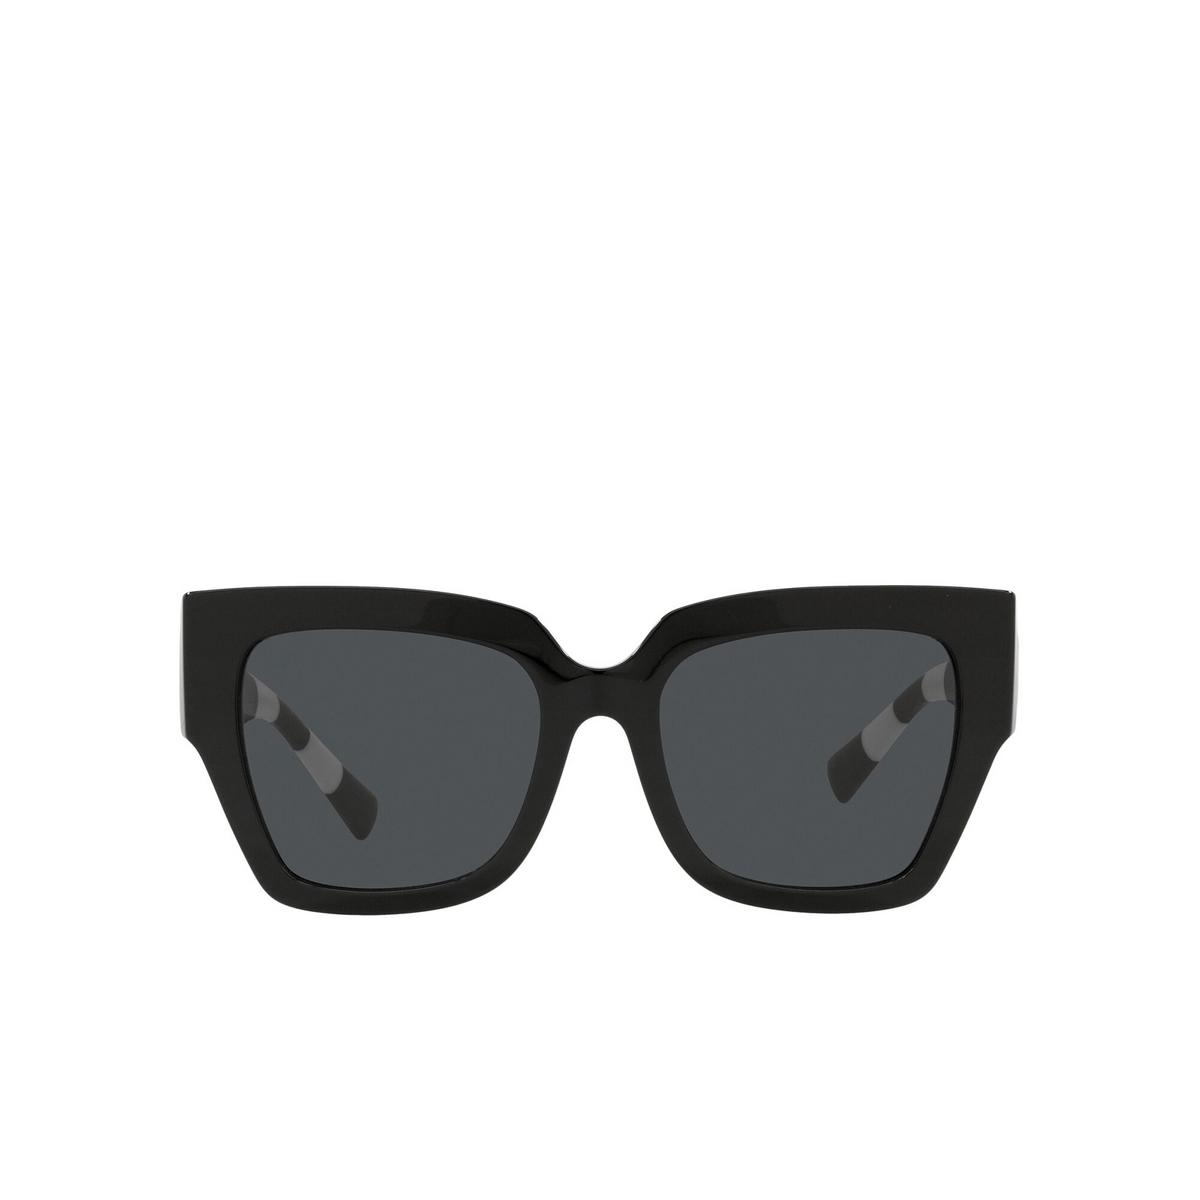 Valentino® Square Sunglasses: VA4082 color Black 500187 - front view.